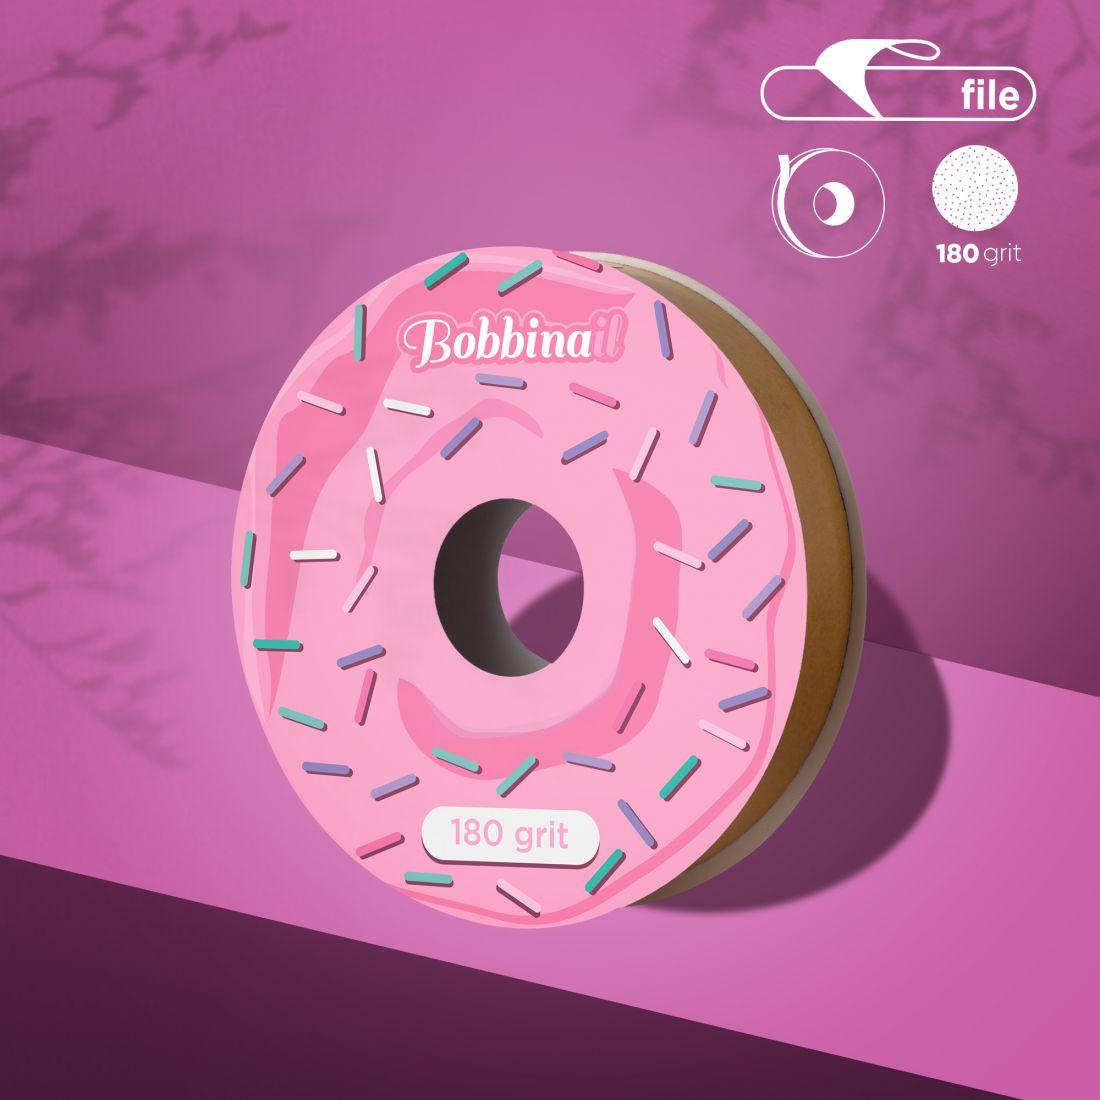 Запасной блок файл-ленты для пластиковой катушки Bobbinail STALEKS PRO 180 грит (8м)